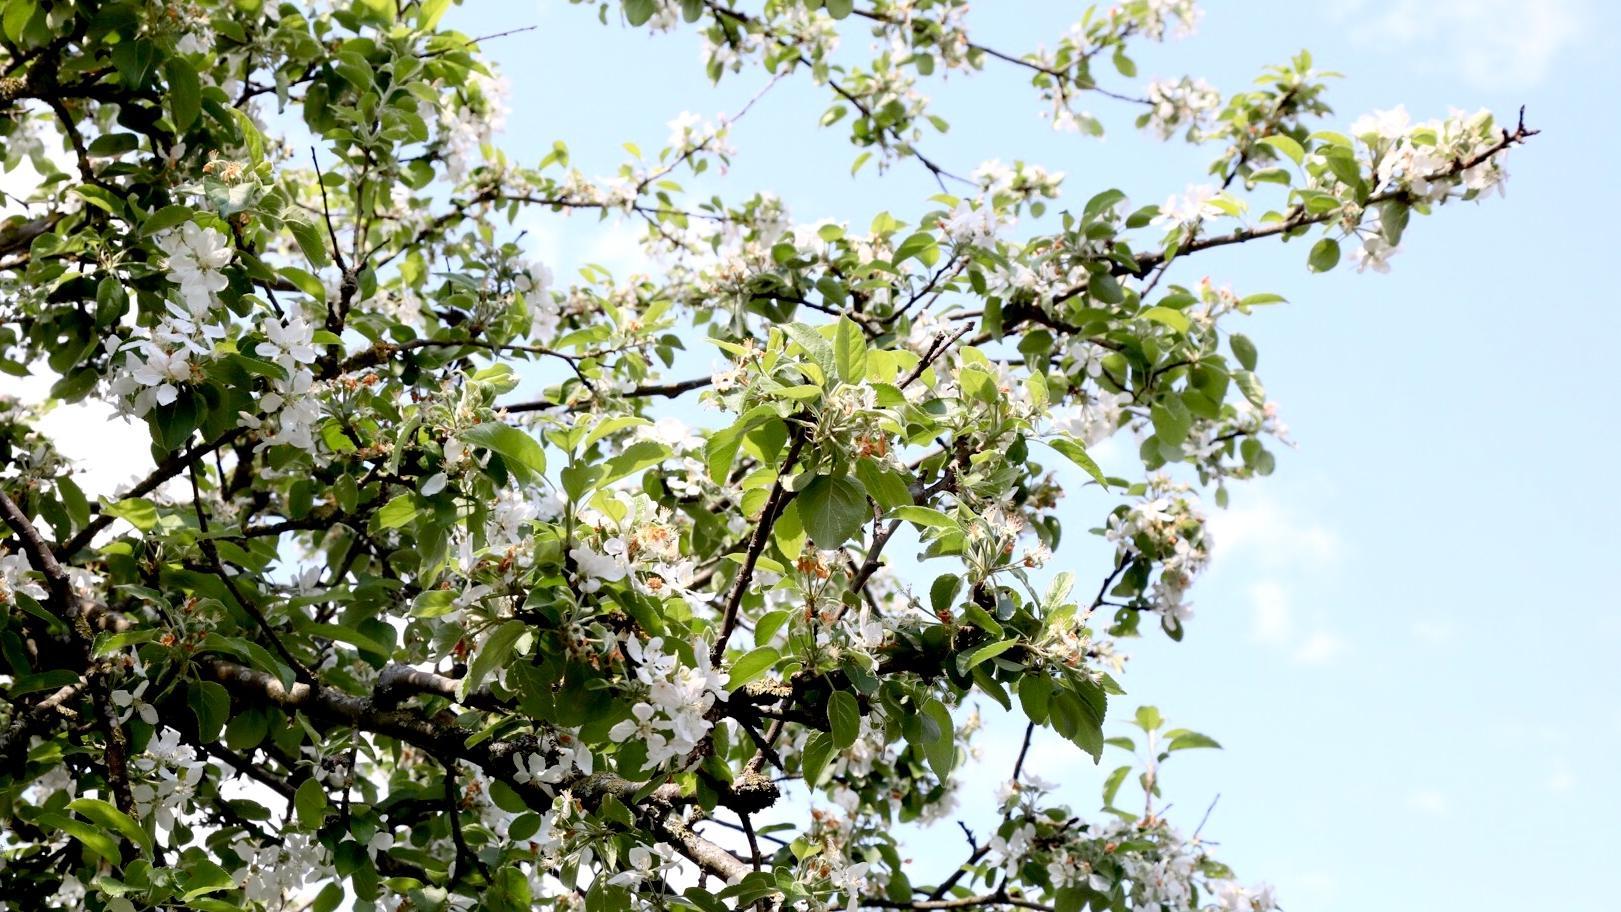 Blomstrende æbletræ